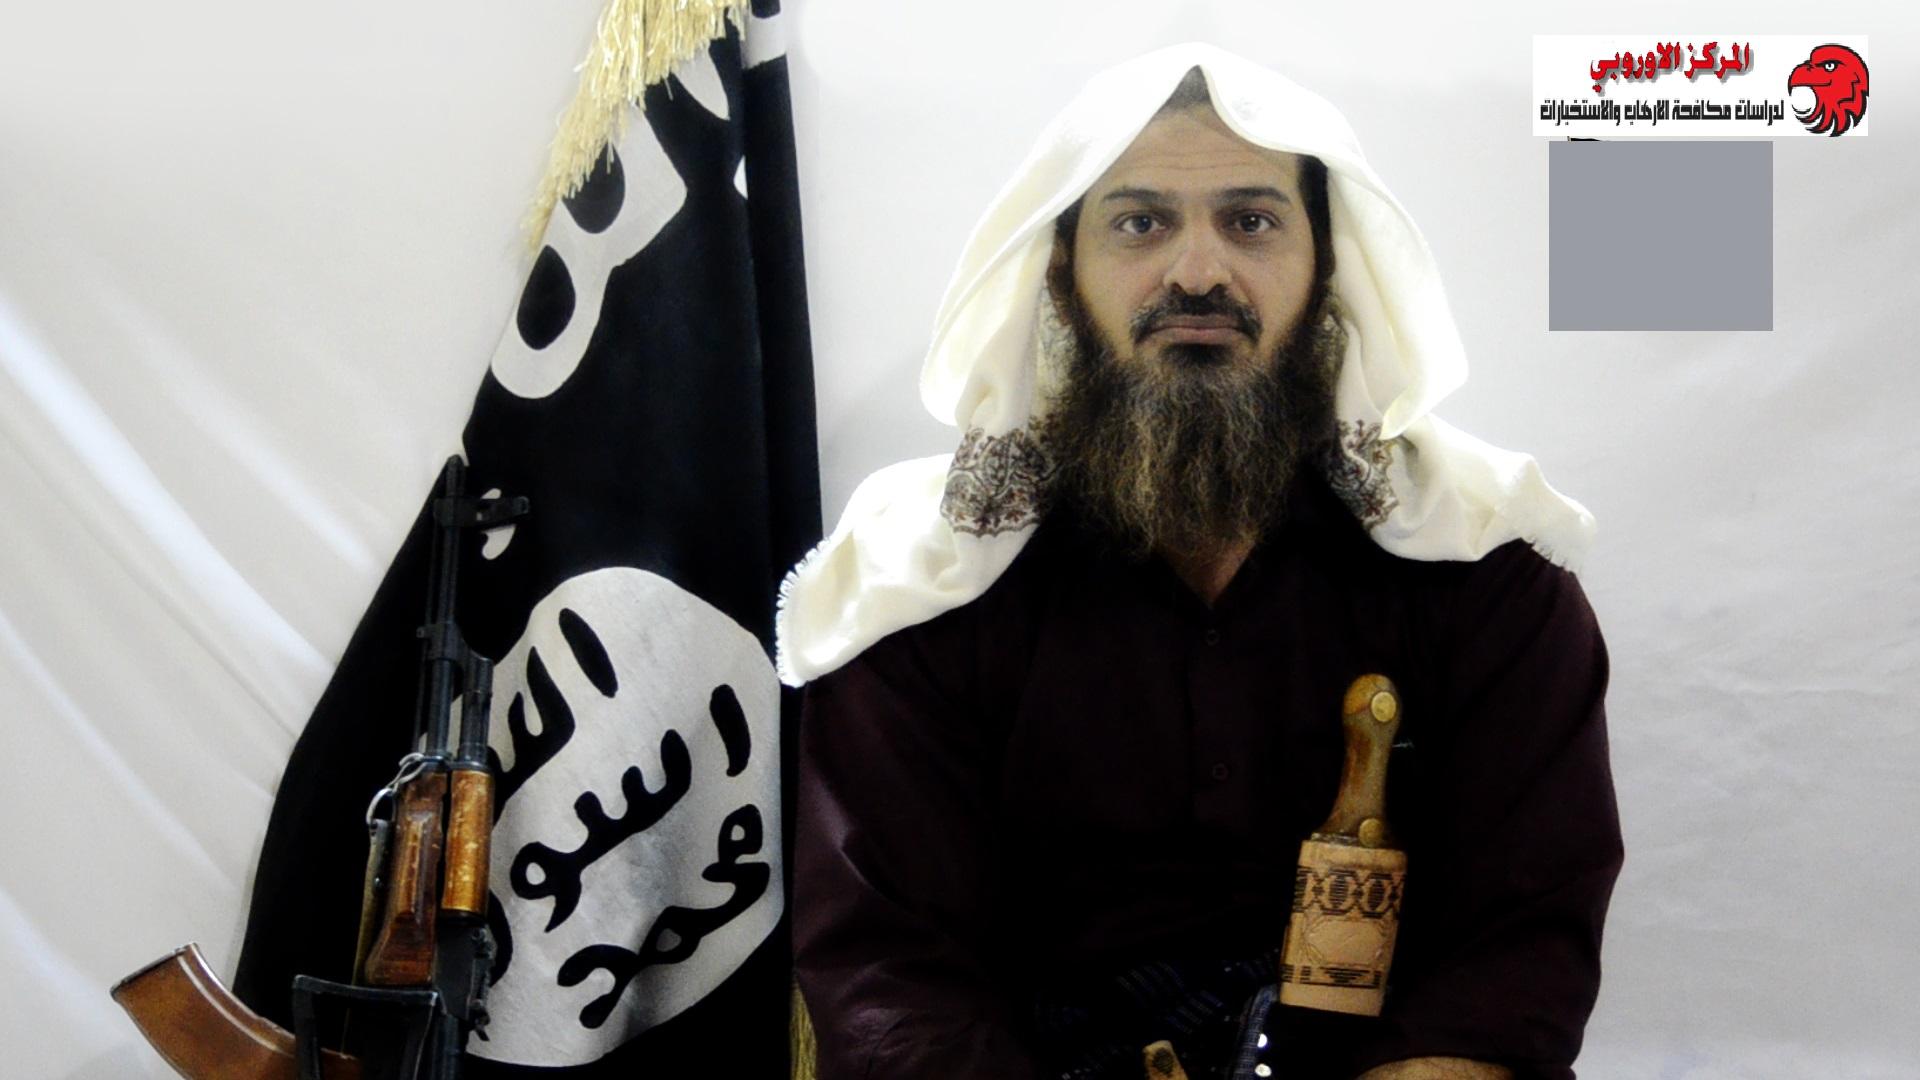 ألقاعدة تستهدف الموانيء والممرات البحرية في اليمن. بقلم غالب الشرعبي